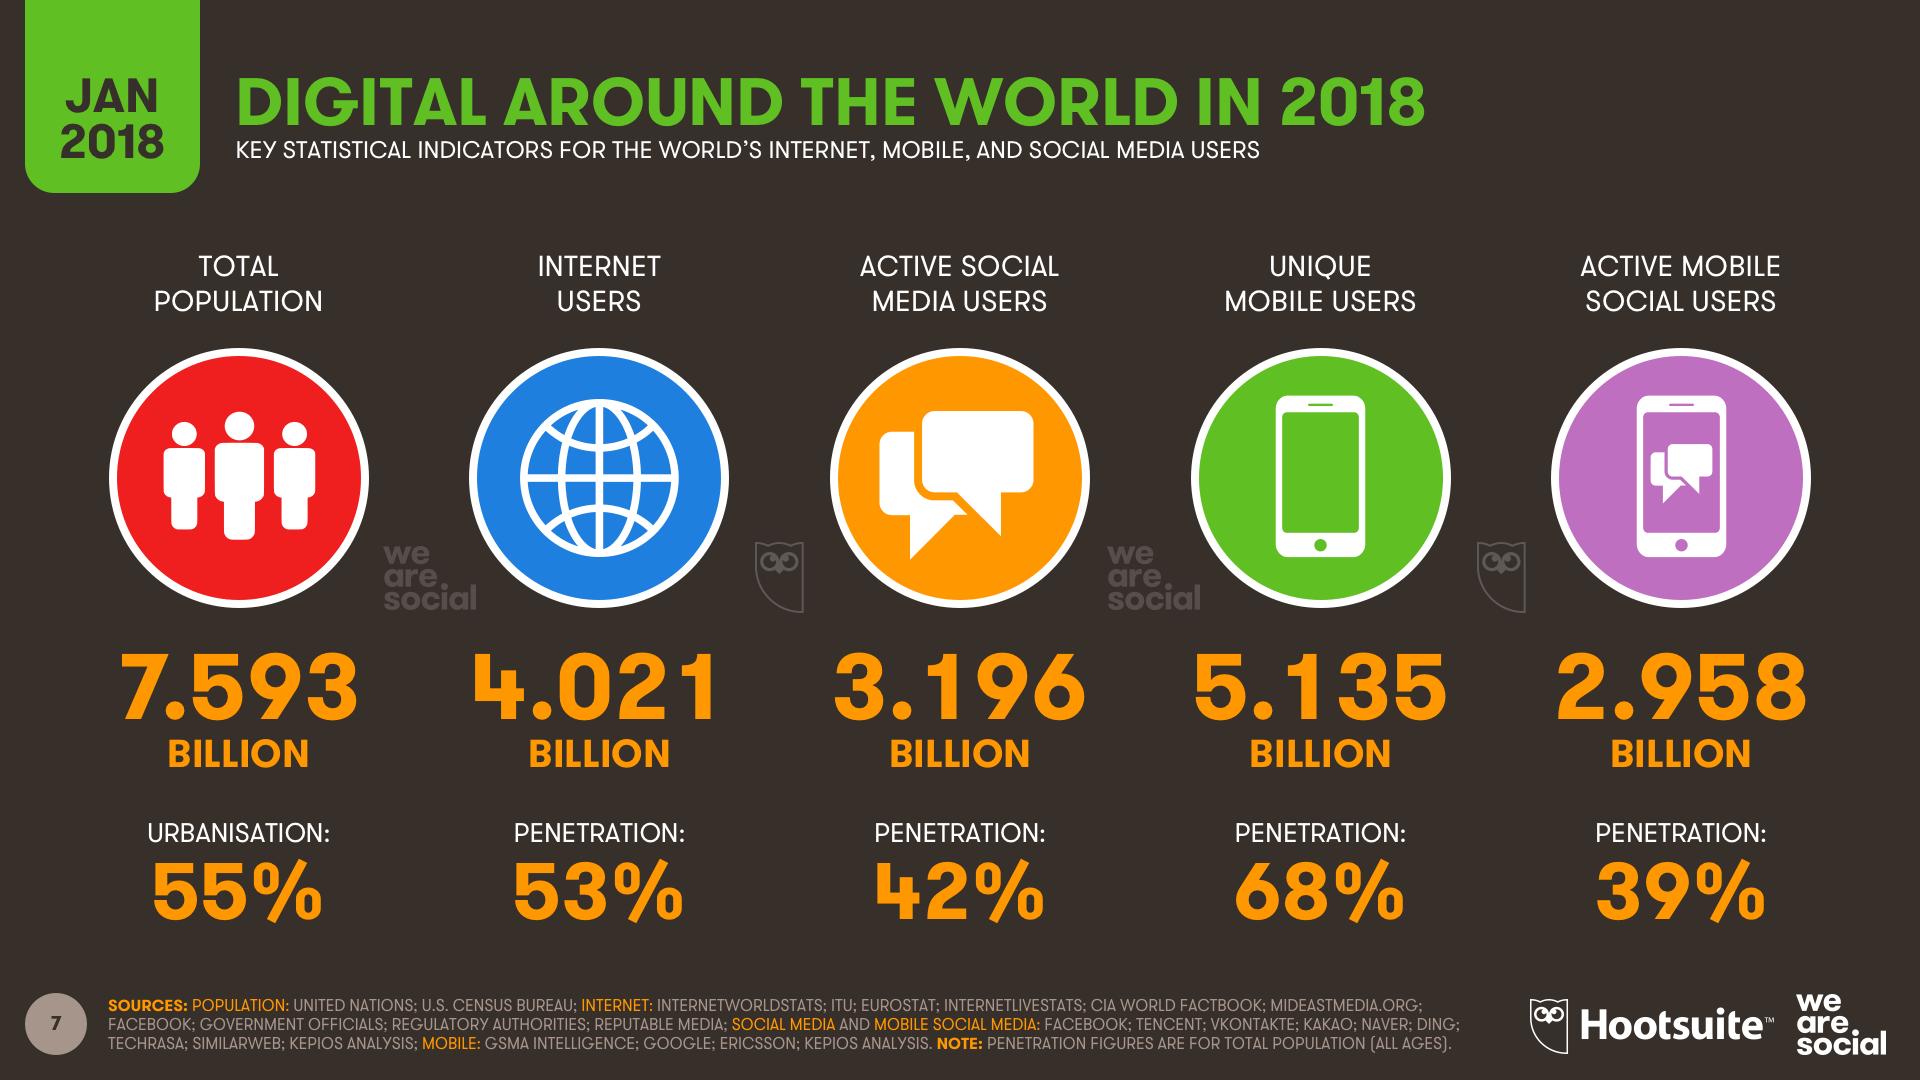 Digital around the world in 2018